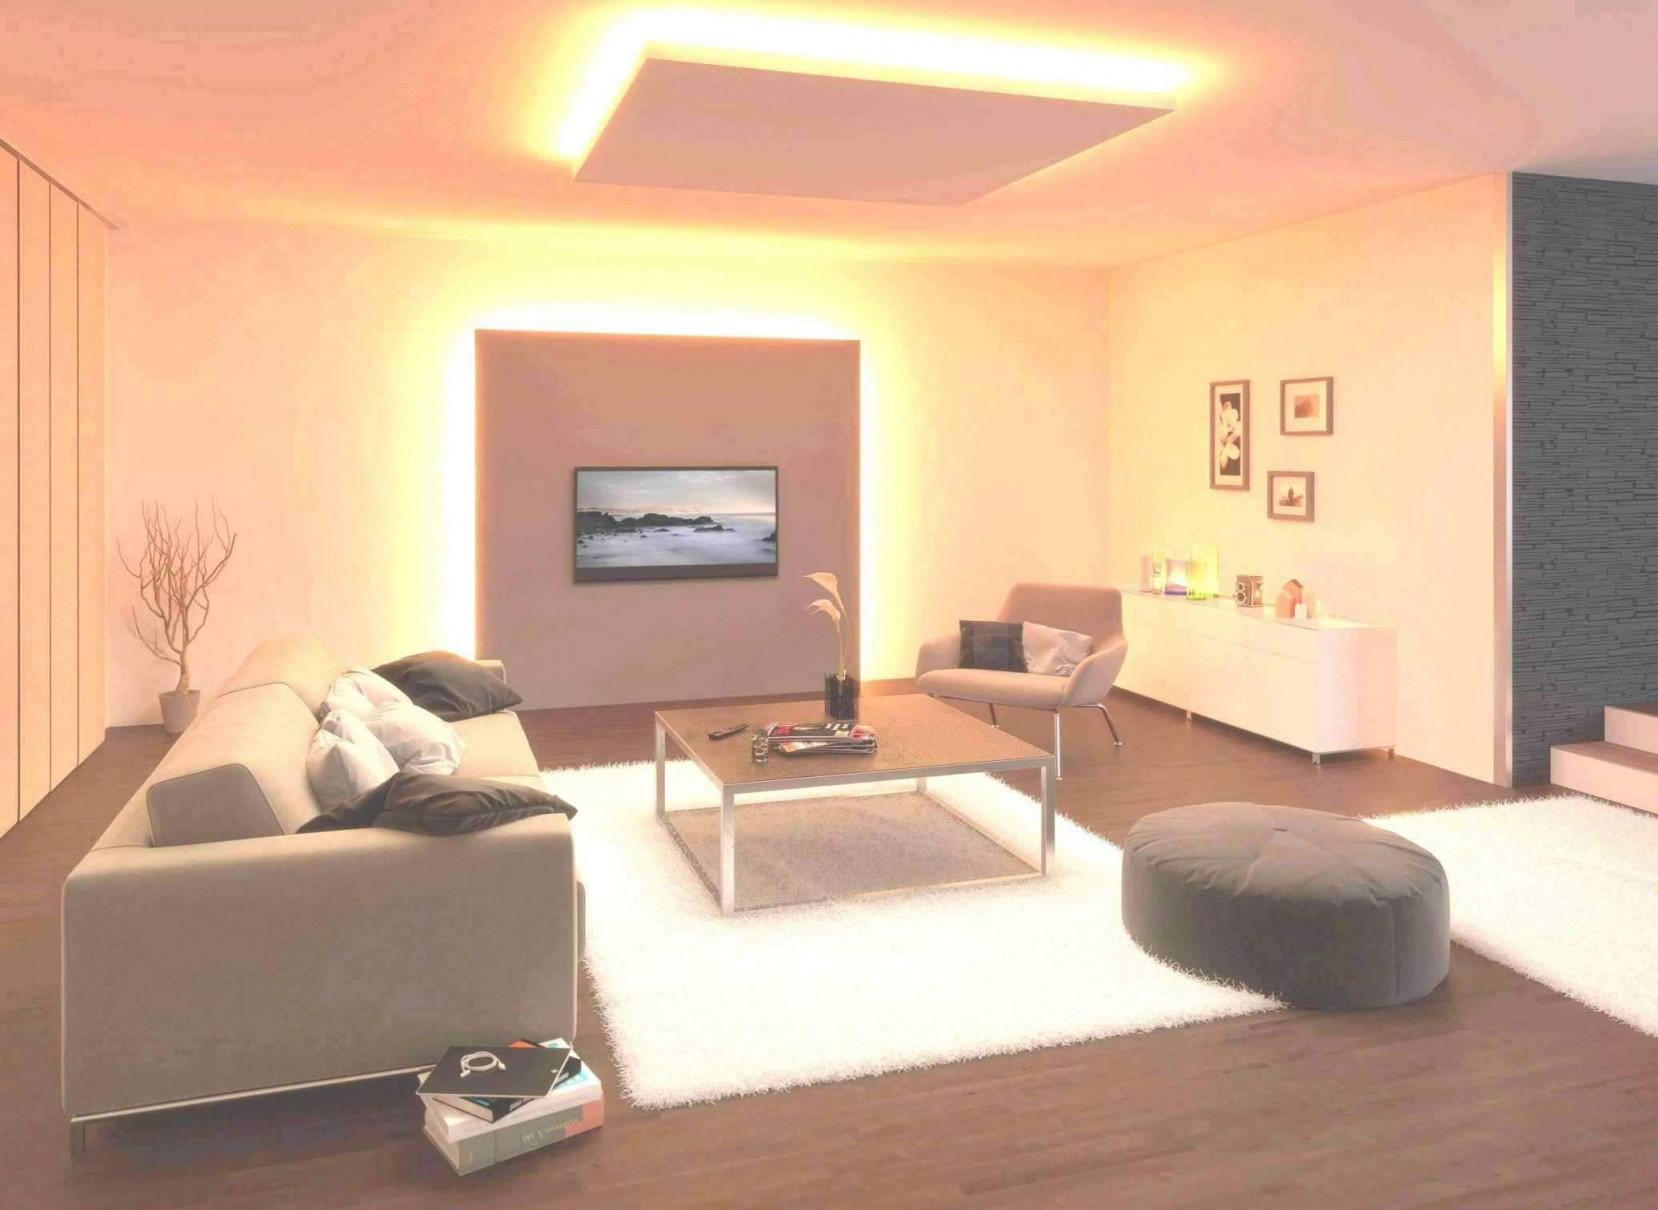 Wohnzimmer Deckenleuchten Led Dimmbar Inspirierend 50 Oben von Deckenleuchte Wohnzimmer Dimmbar Bild